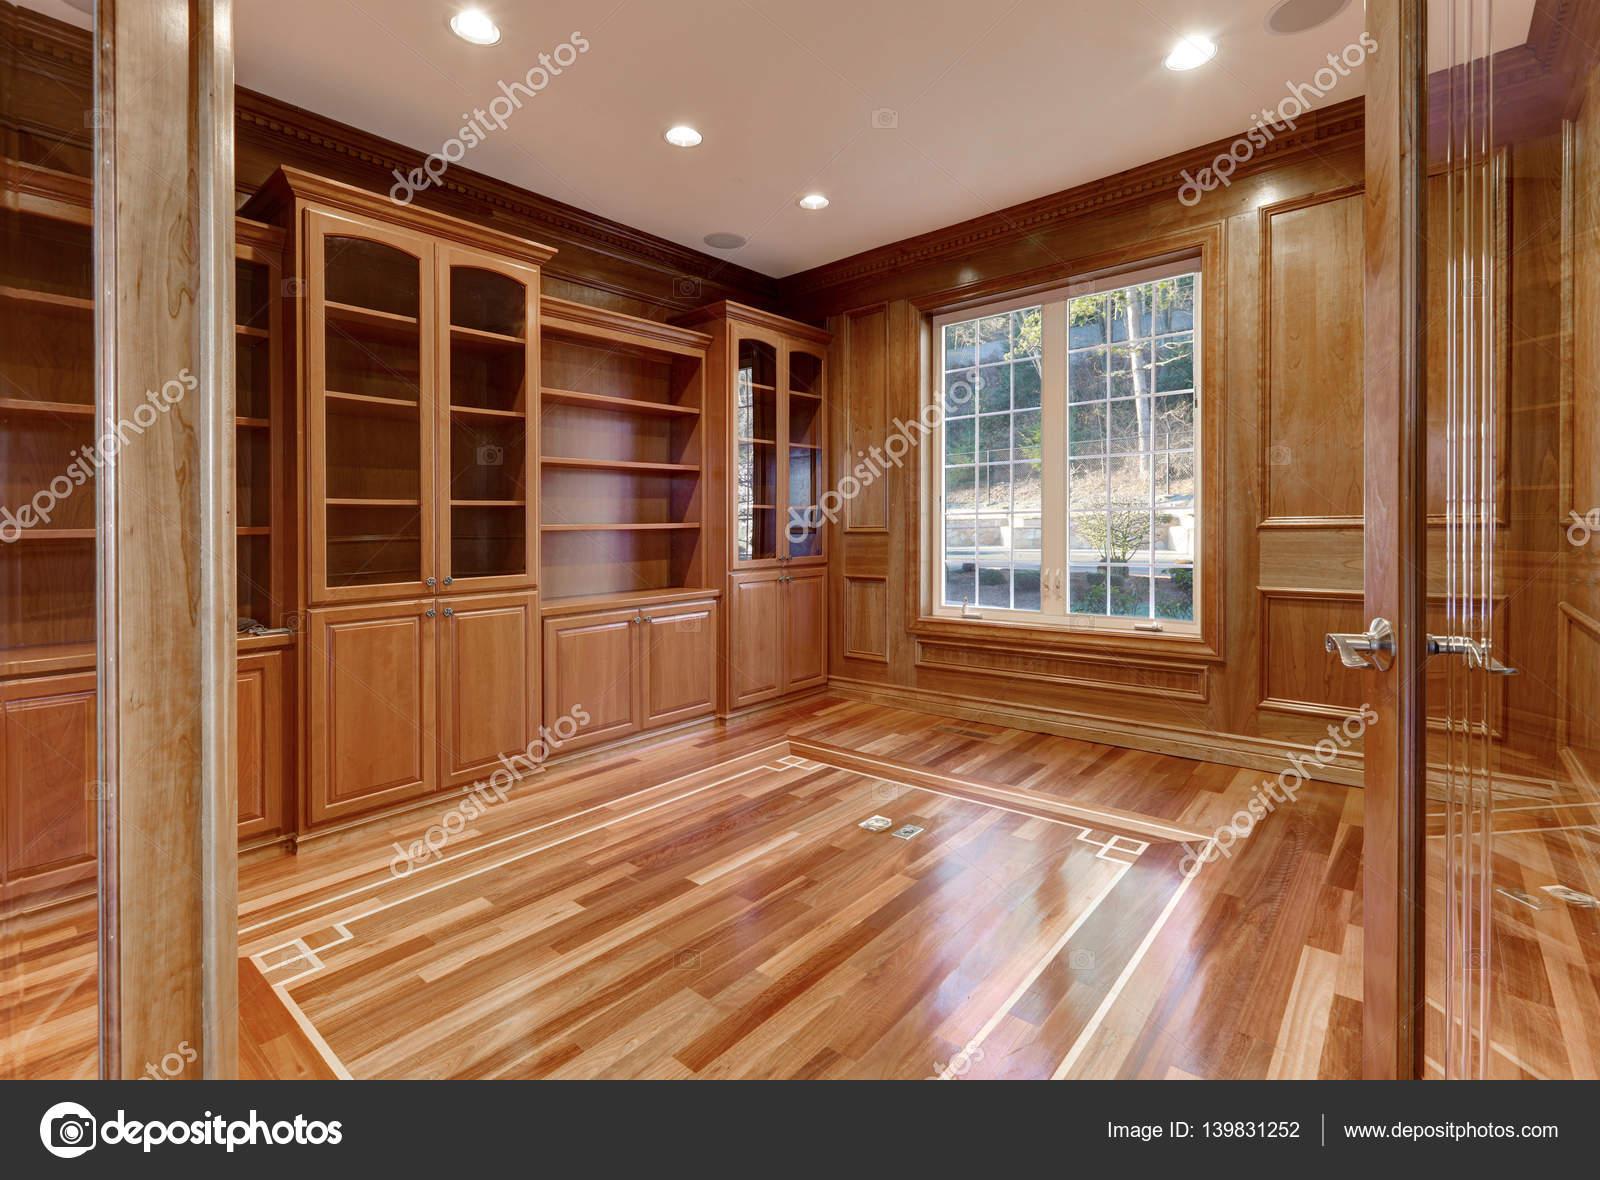 houten interieur van lege ruimte in luxe huis stockfoto